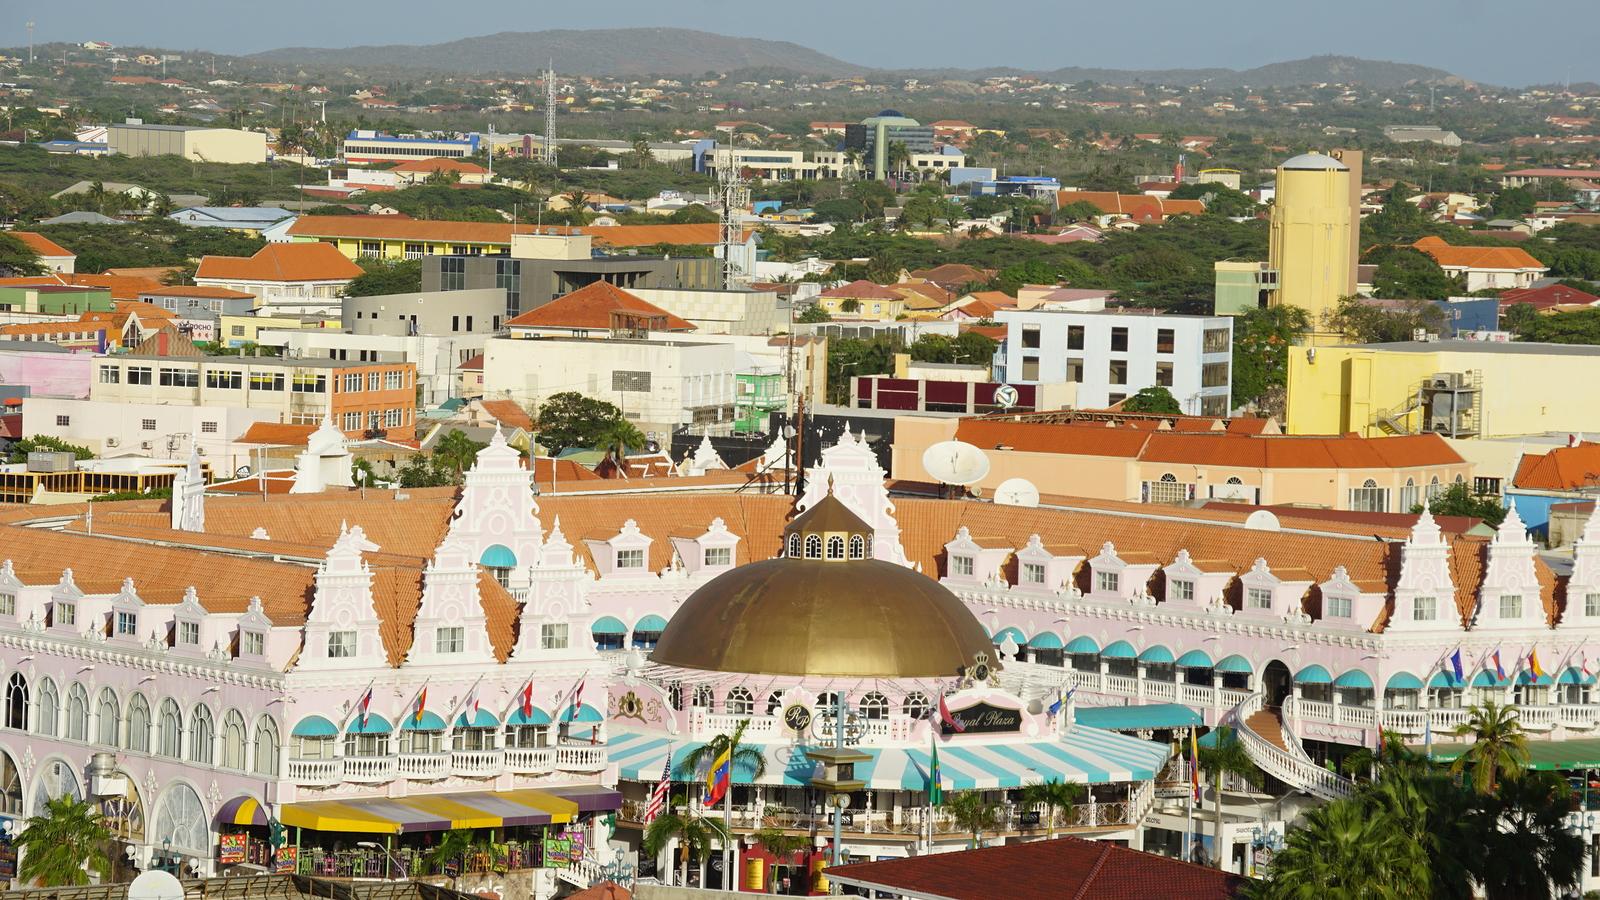 Colorful buildings of Aruba, Aruba Interpreter Services